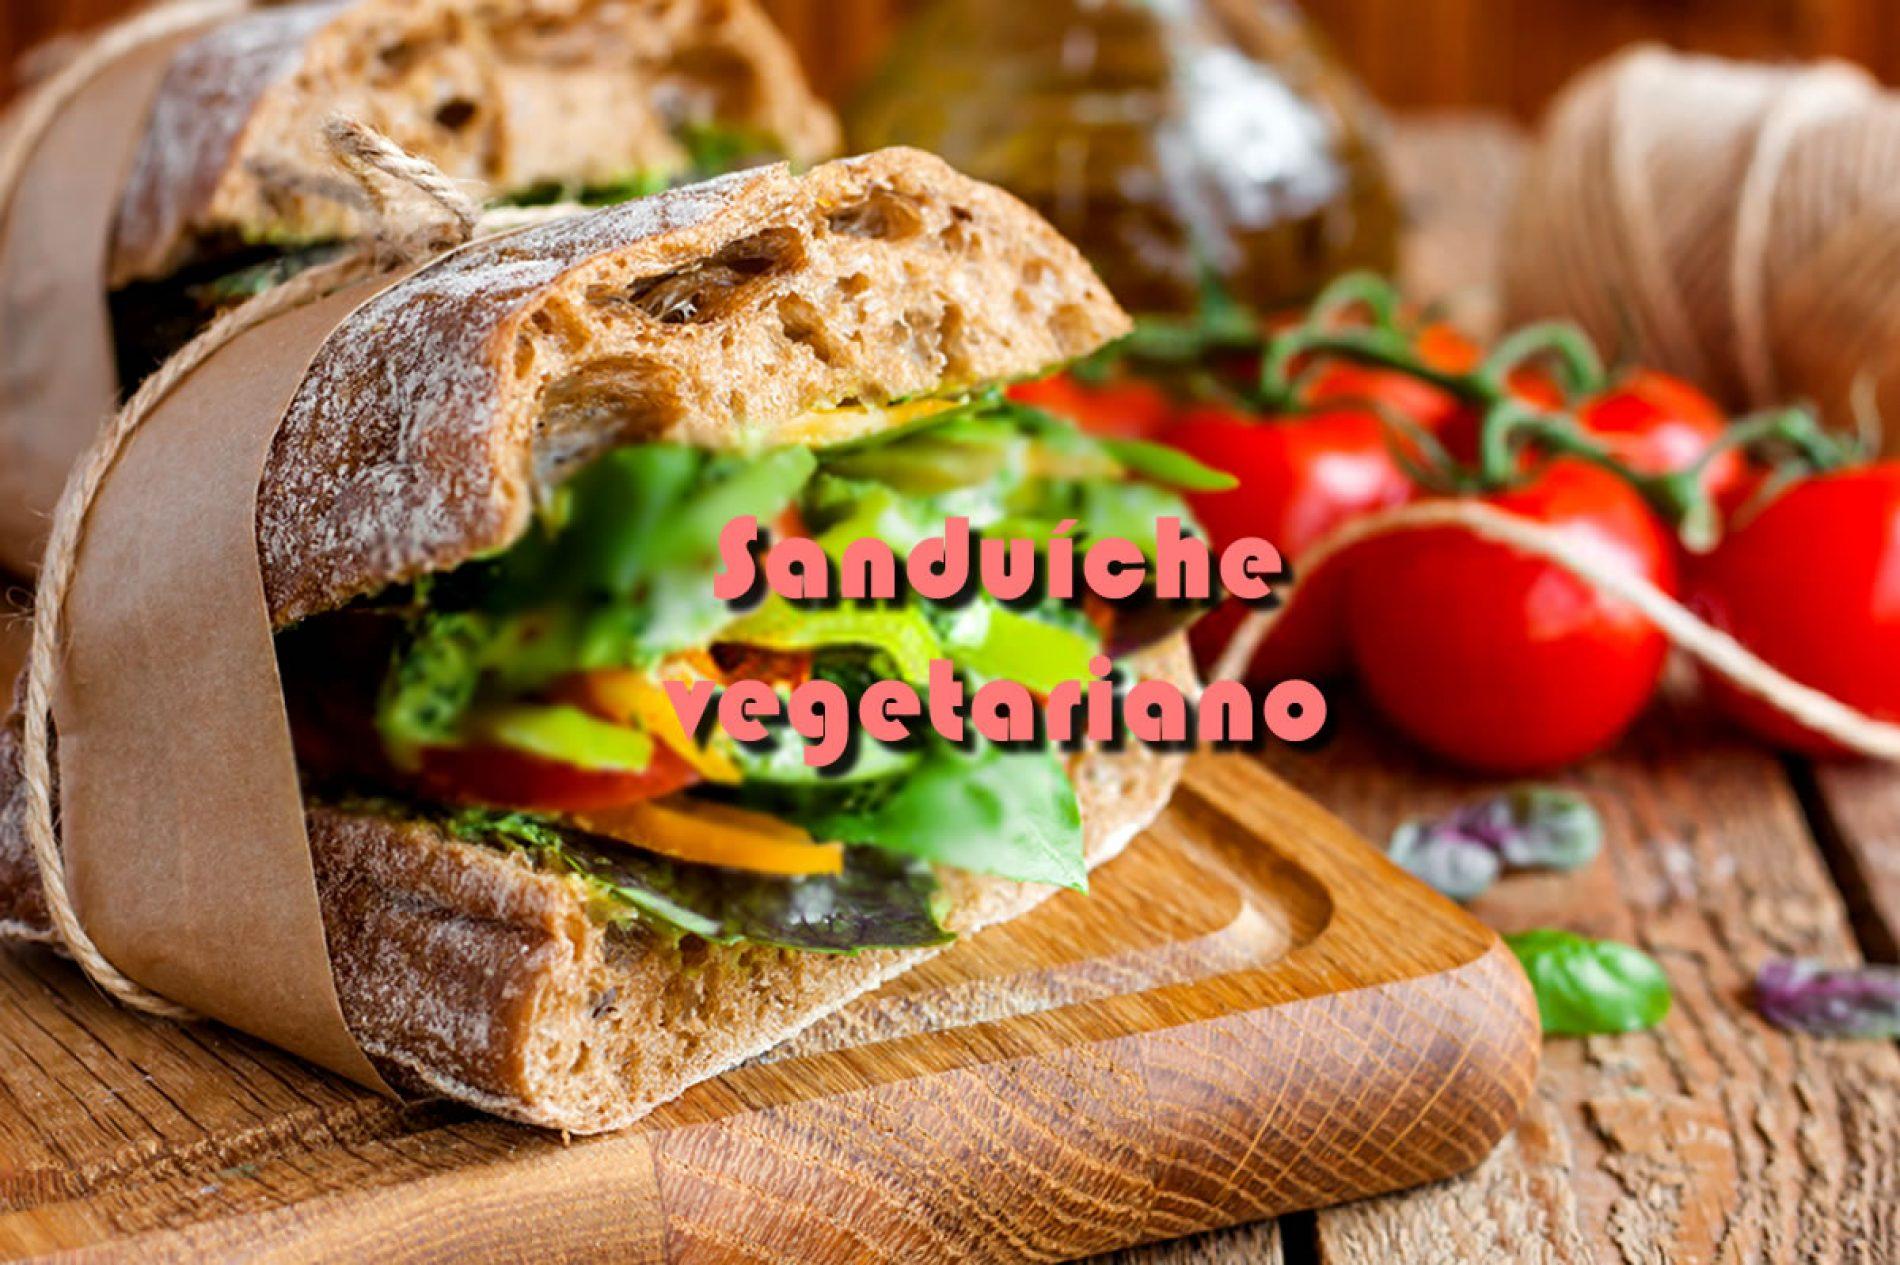 Sanduíche vegetariano de pimentão e brócolis